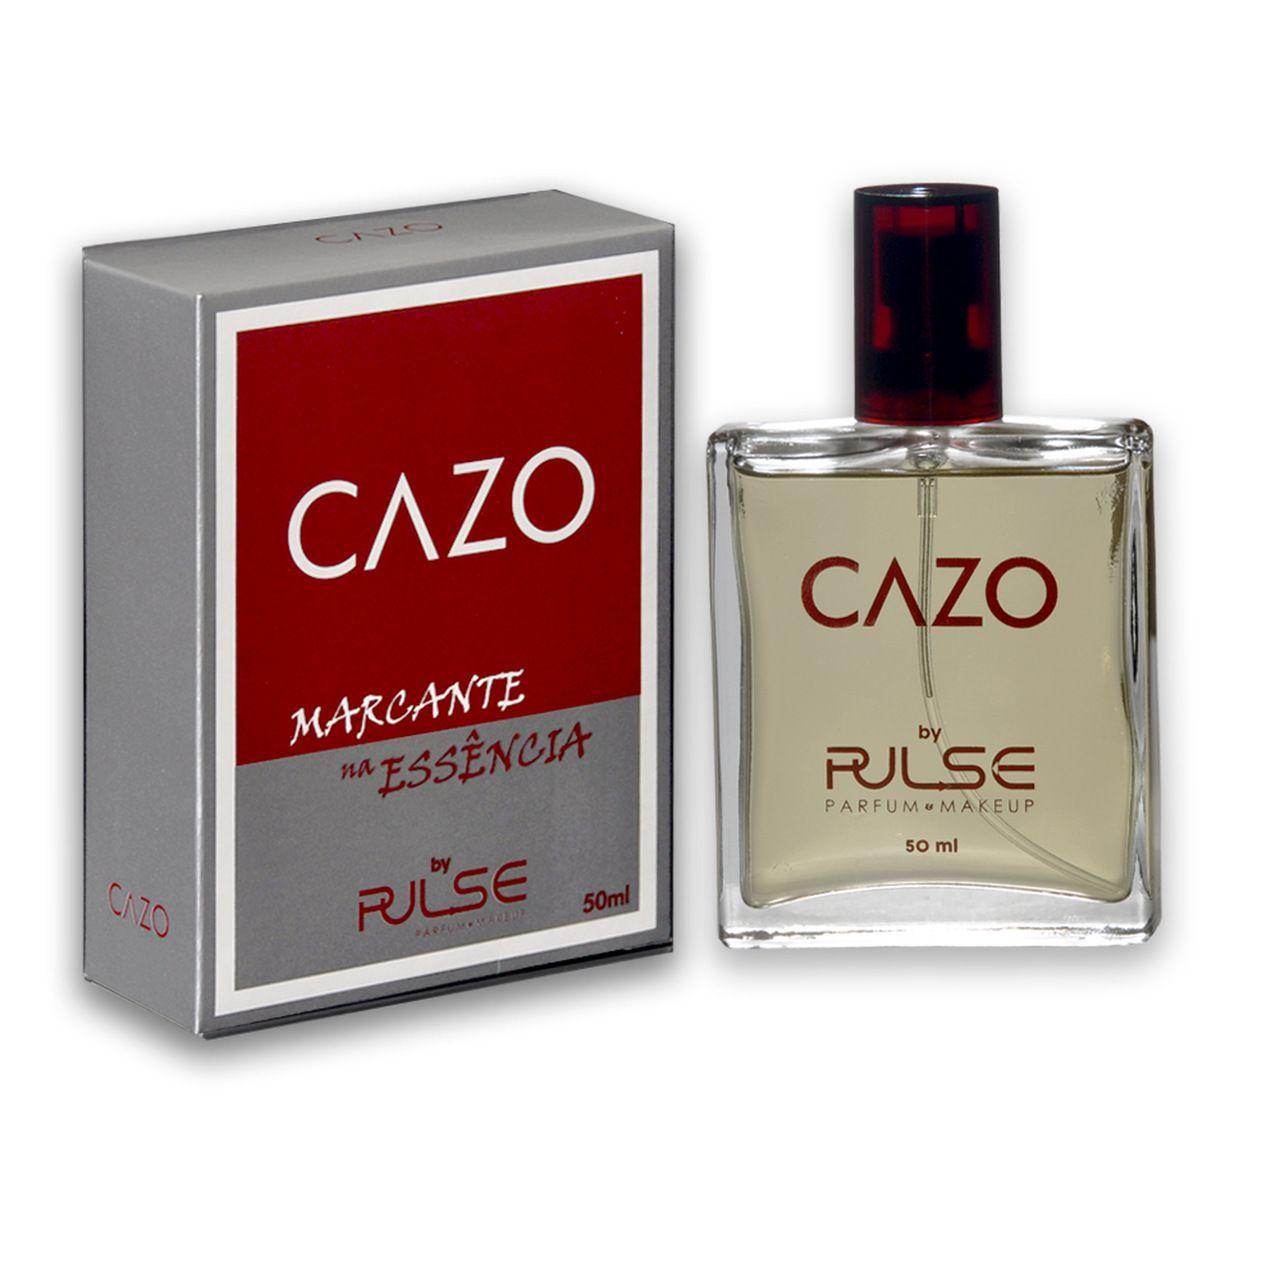 CAZO 37 - 50ml